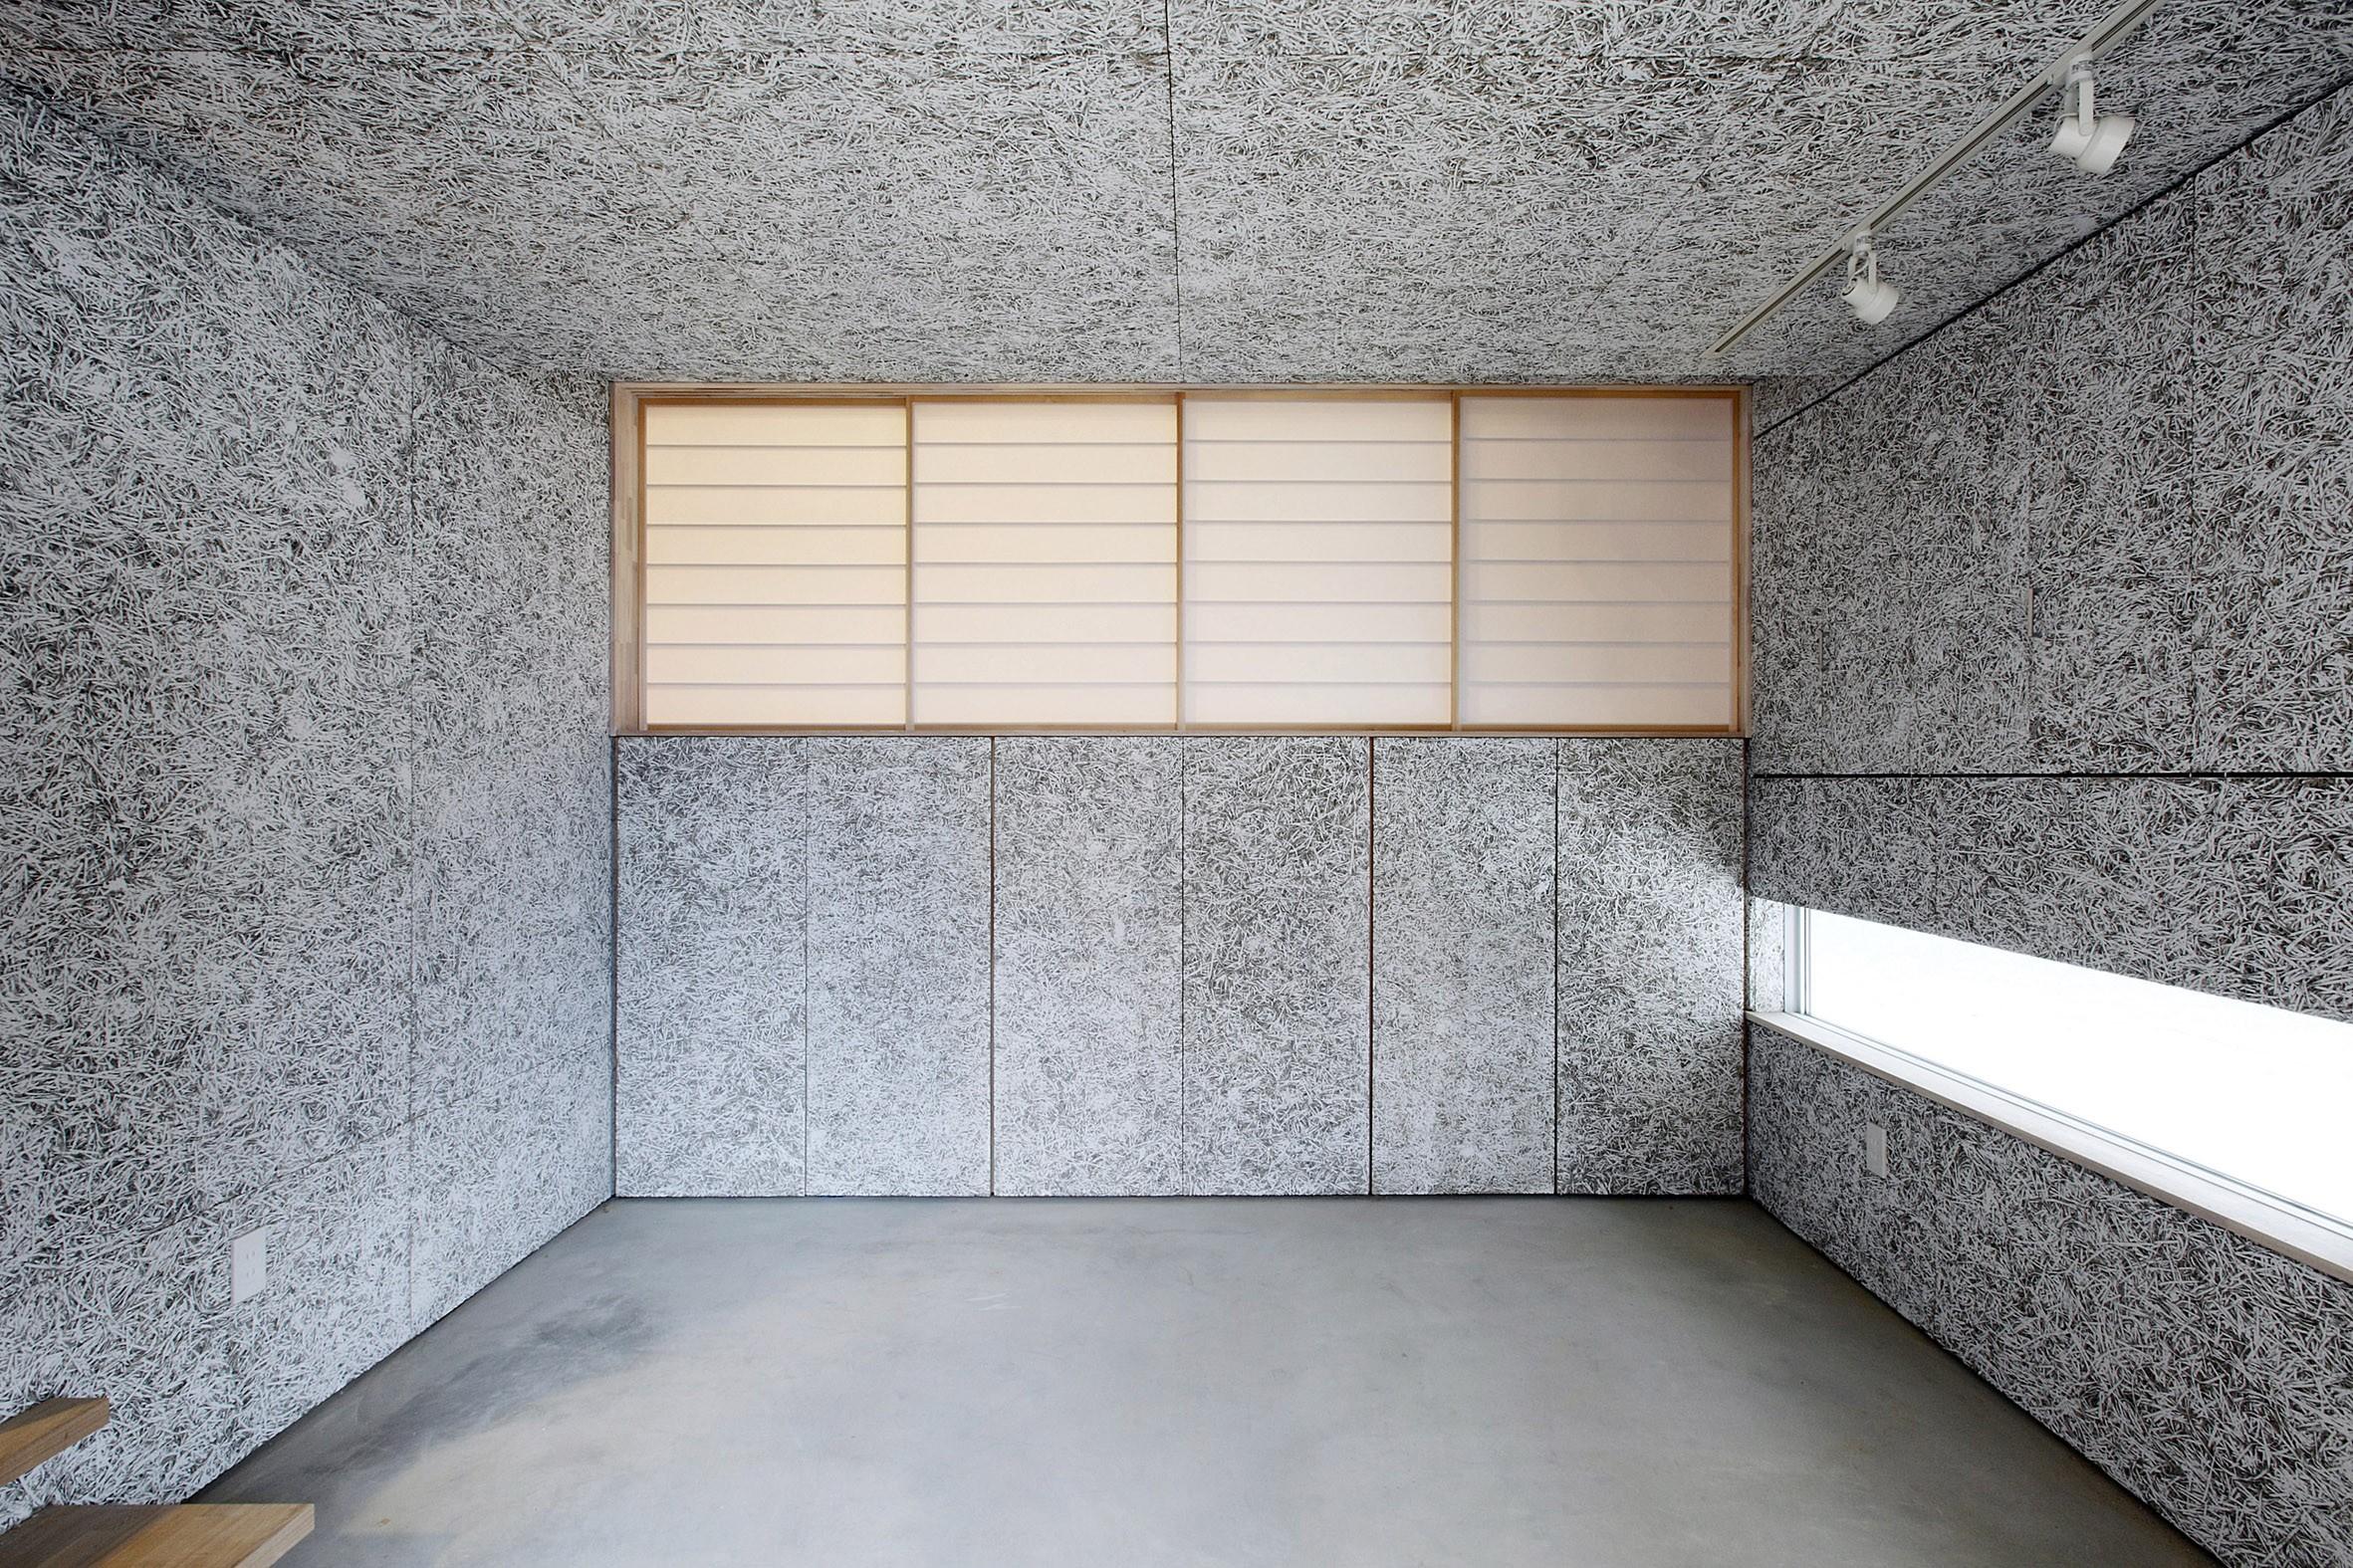 玄関事例:玄関ホール(Tajima no ie -スキップフロアの家-)